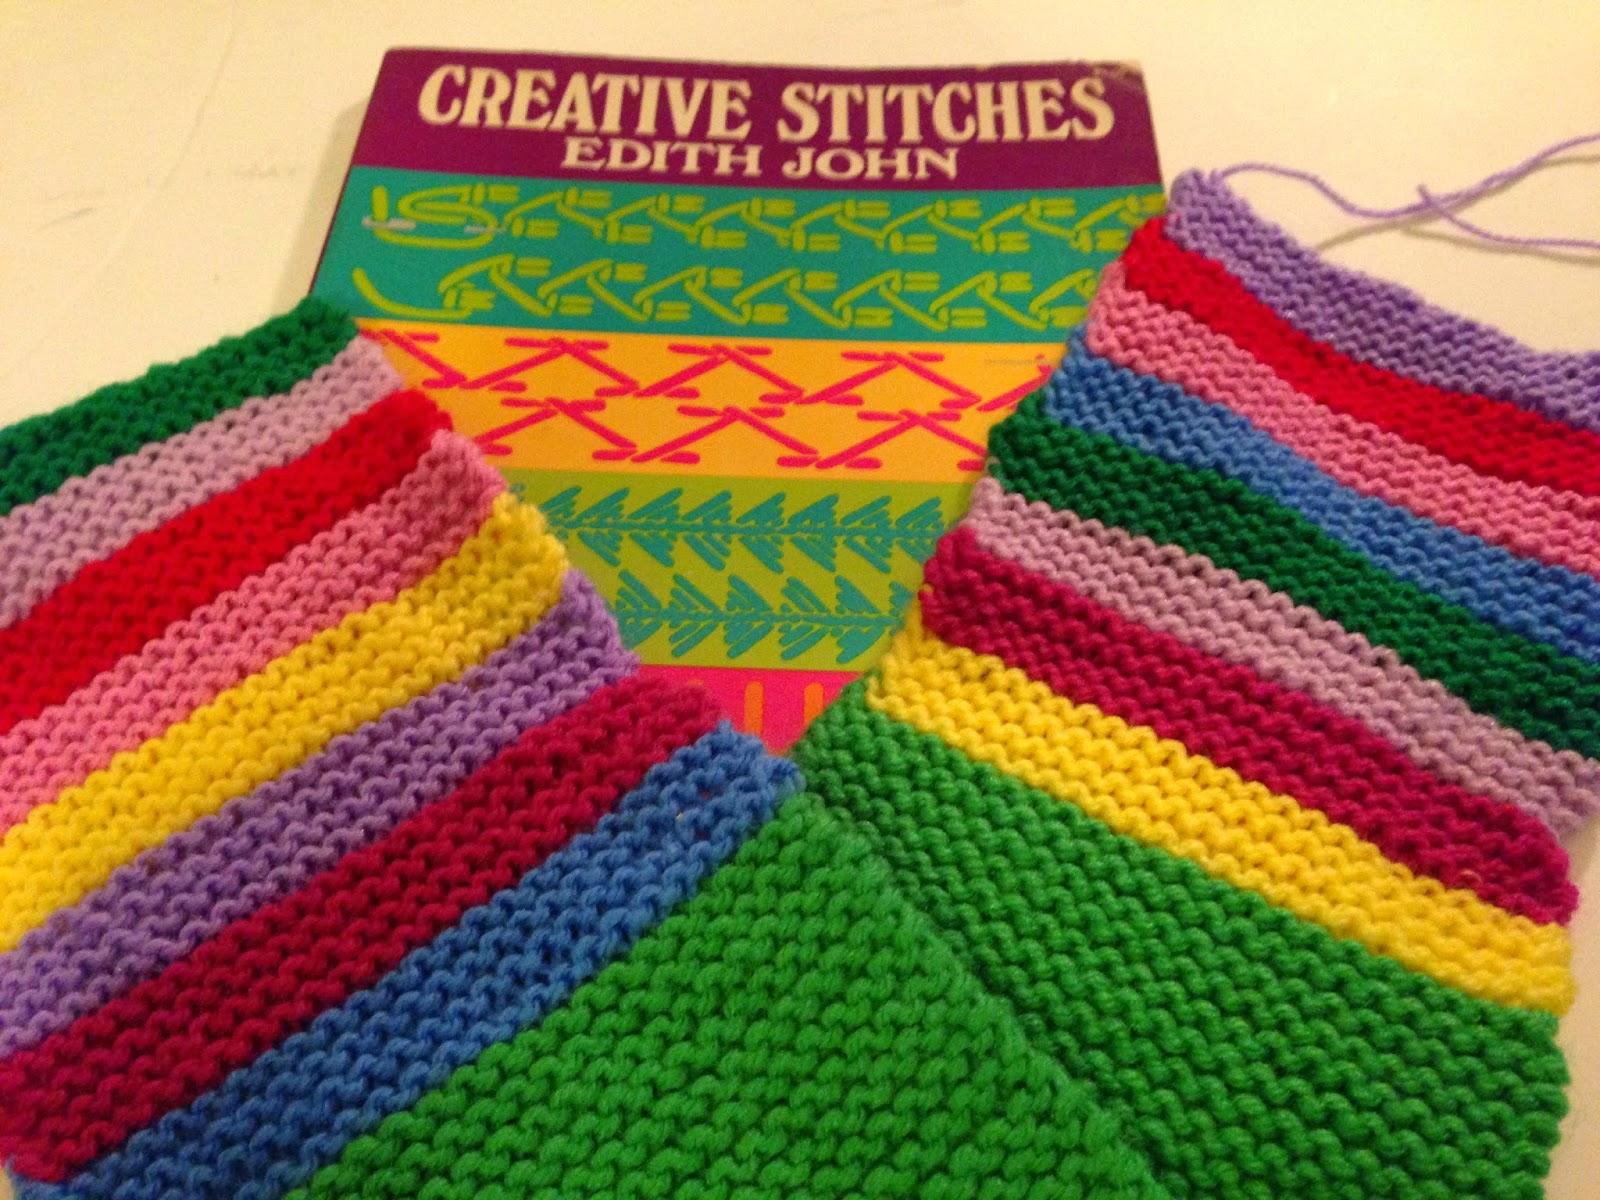 Wildflower Wool Knits Lazy Daisy Stitch Embellishing